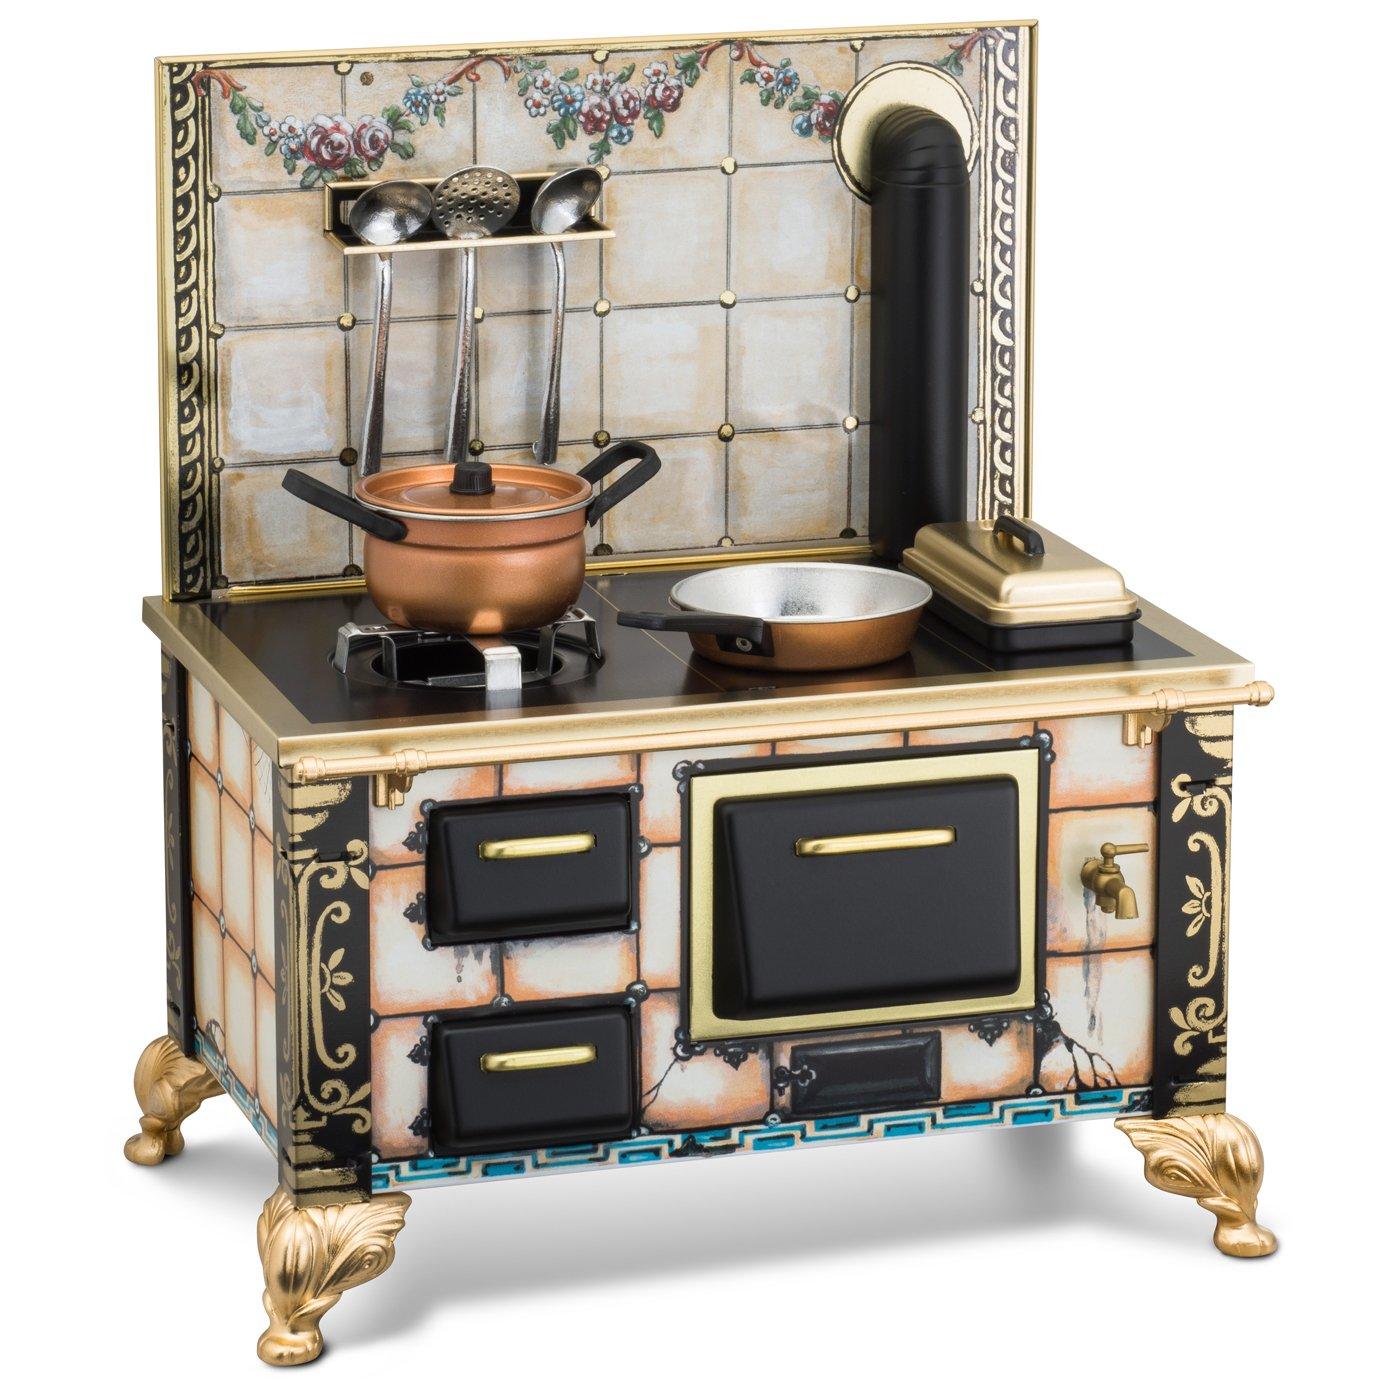 Cucina in miniatura Rustikal, funzionale - Nostalgic Giocattoli